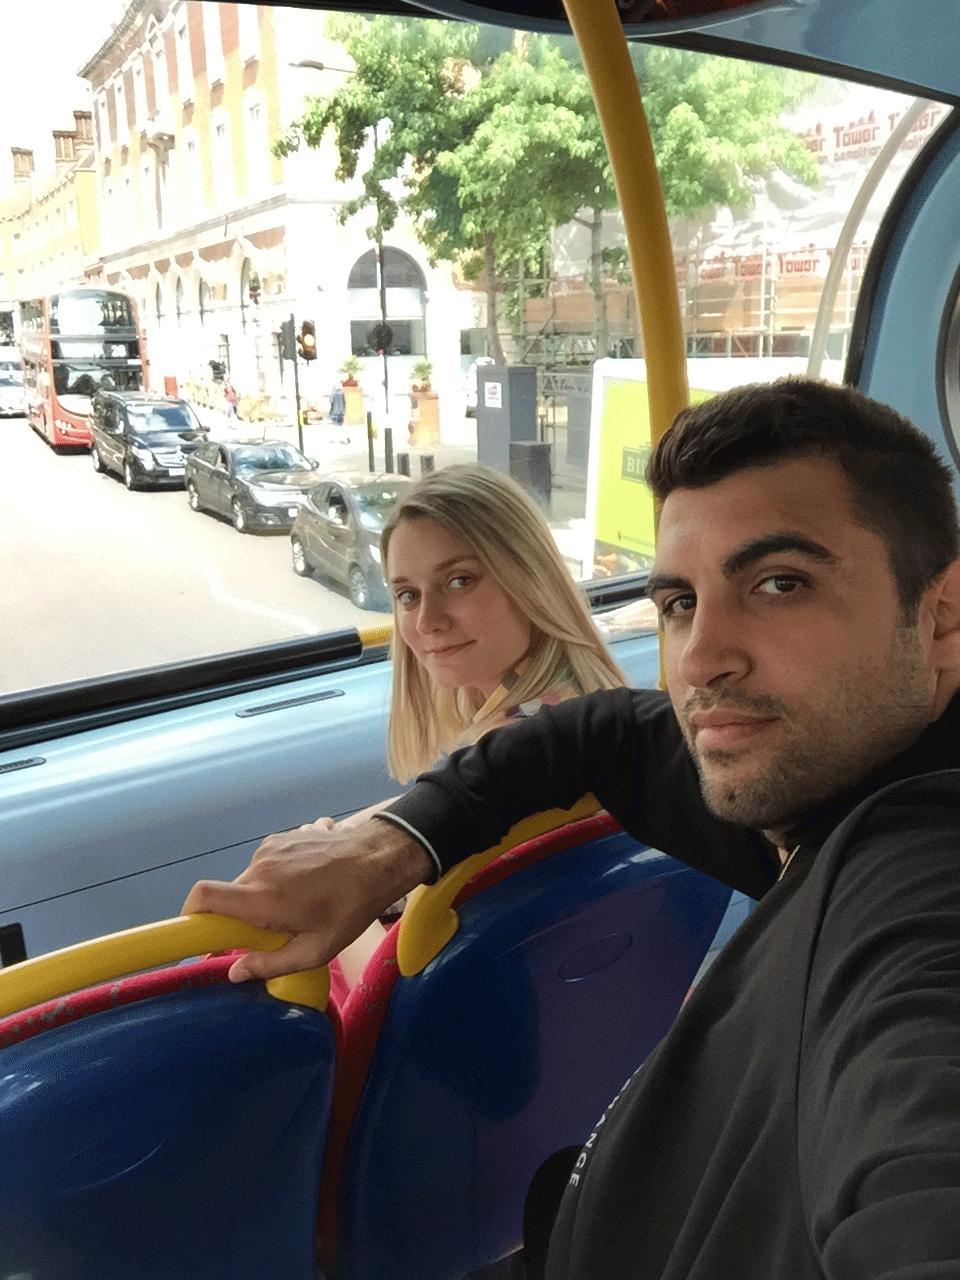 İki katlı kırmızı otobüslerin üst katı :)